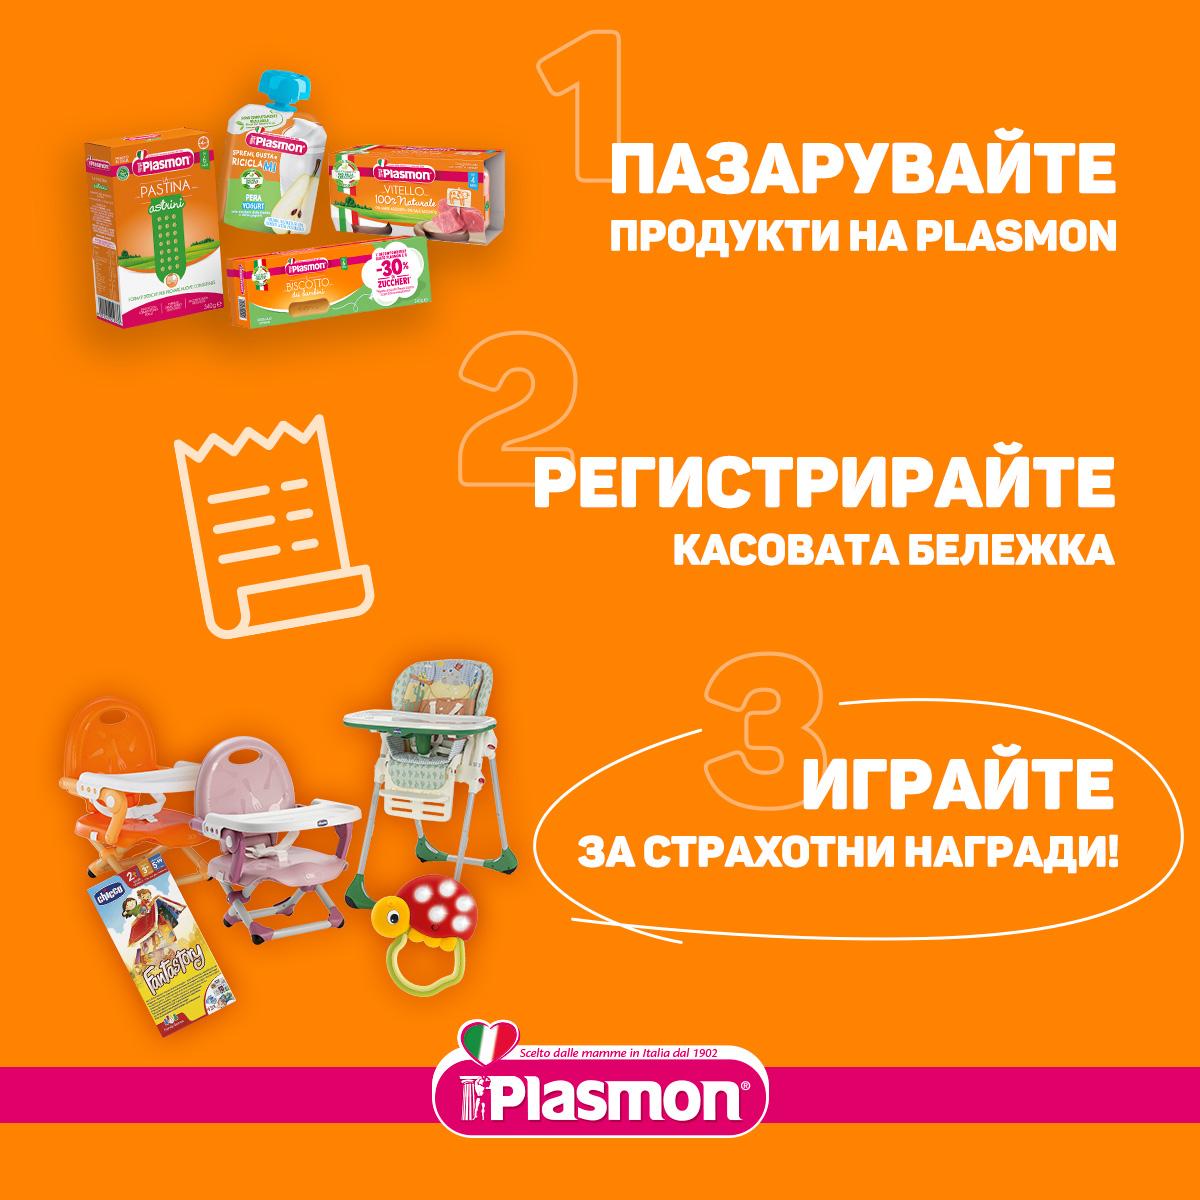 """Национална консуматорска промоция """"Plasmon"""""""